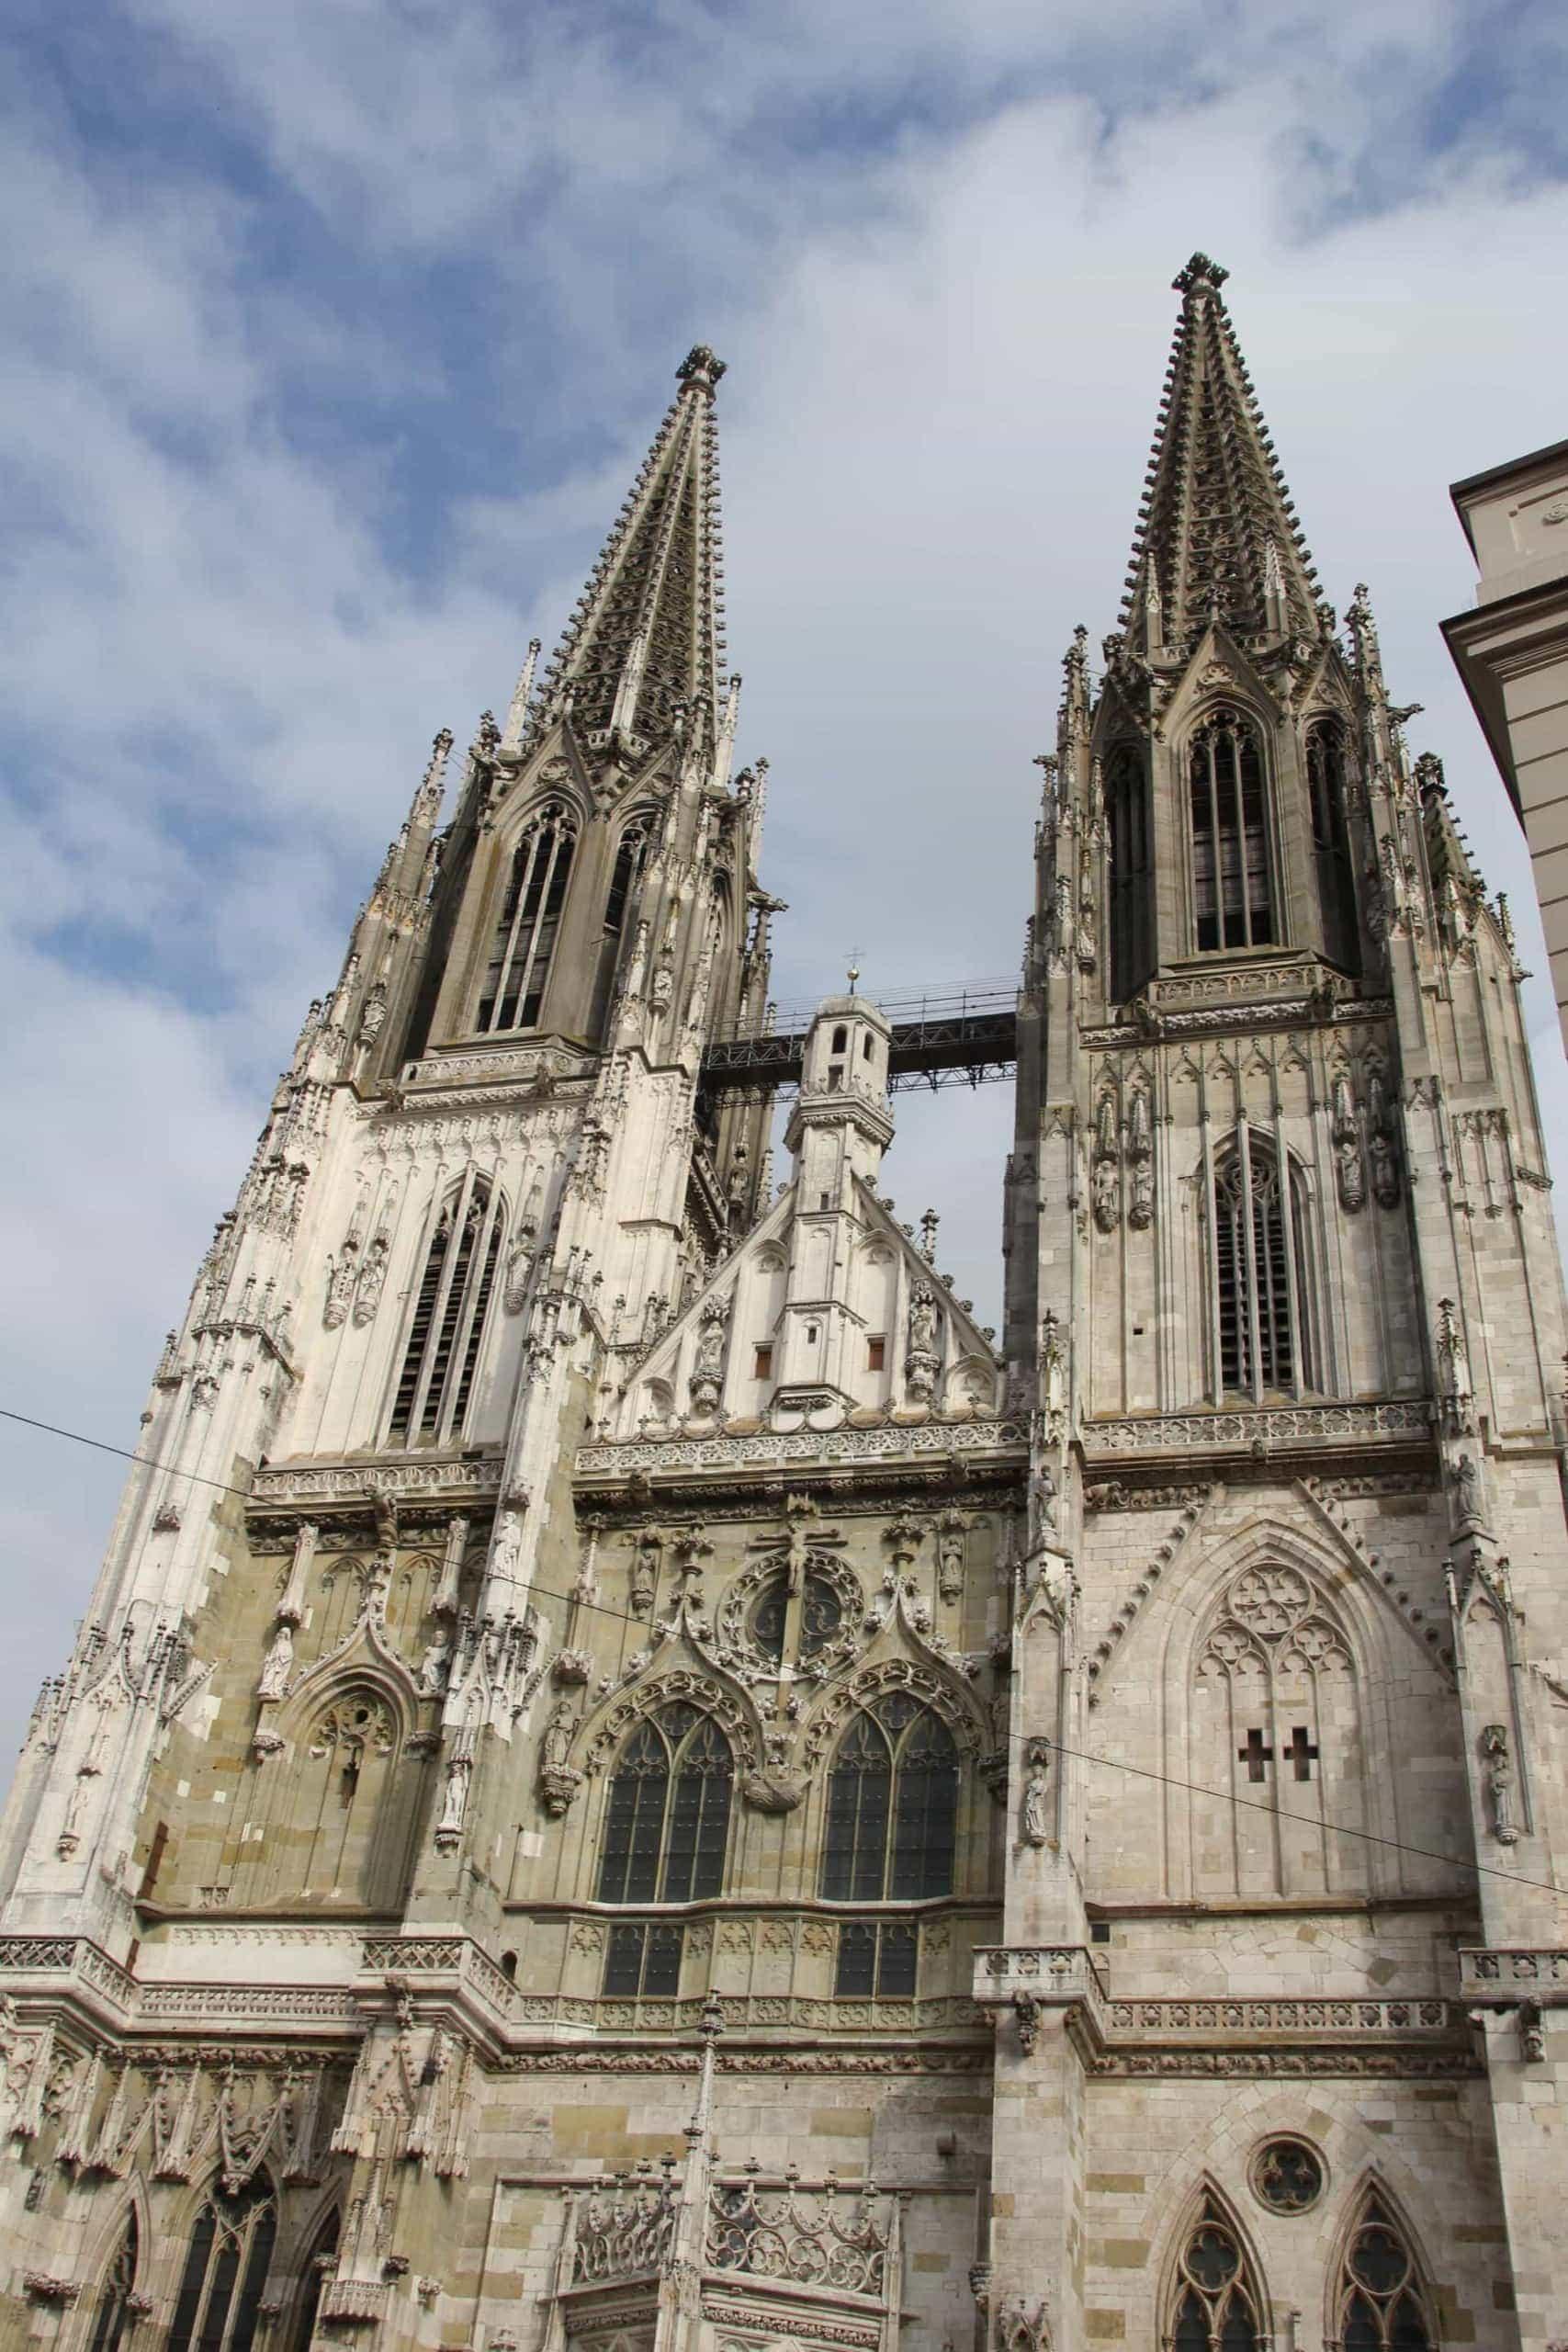 Regensburg setzt ein Zeichen gegen Lichtverschmutzung Beleuchtung von Sehenswürdigkeiten im Altstadtbereich wird bereits um 23 Uhr abgeschaltet